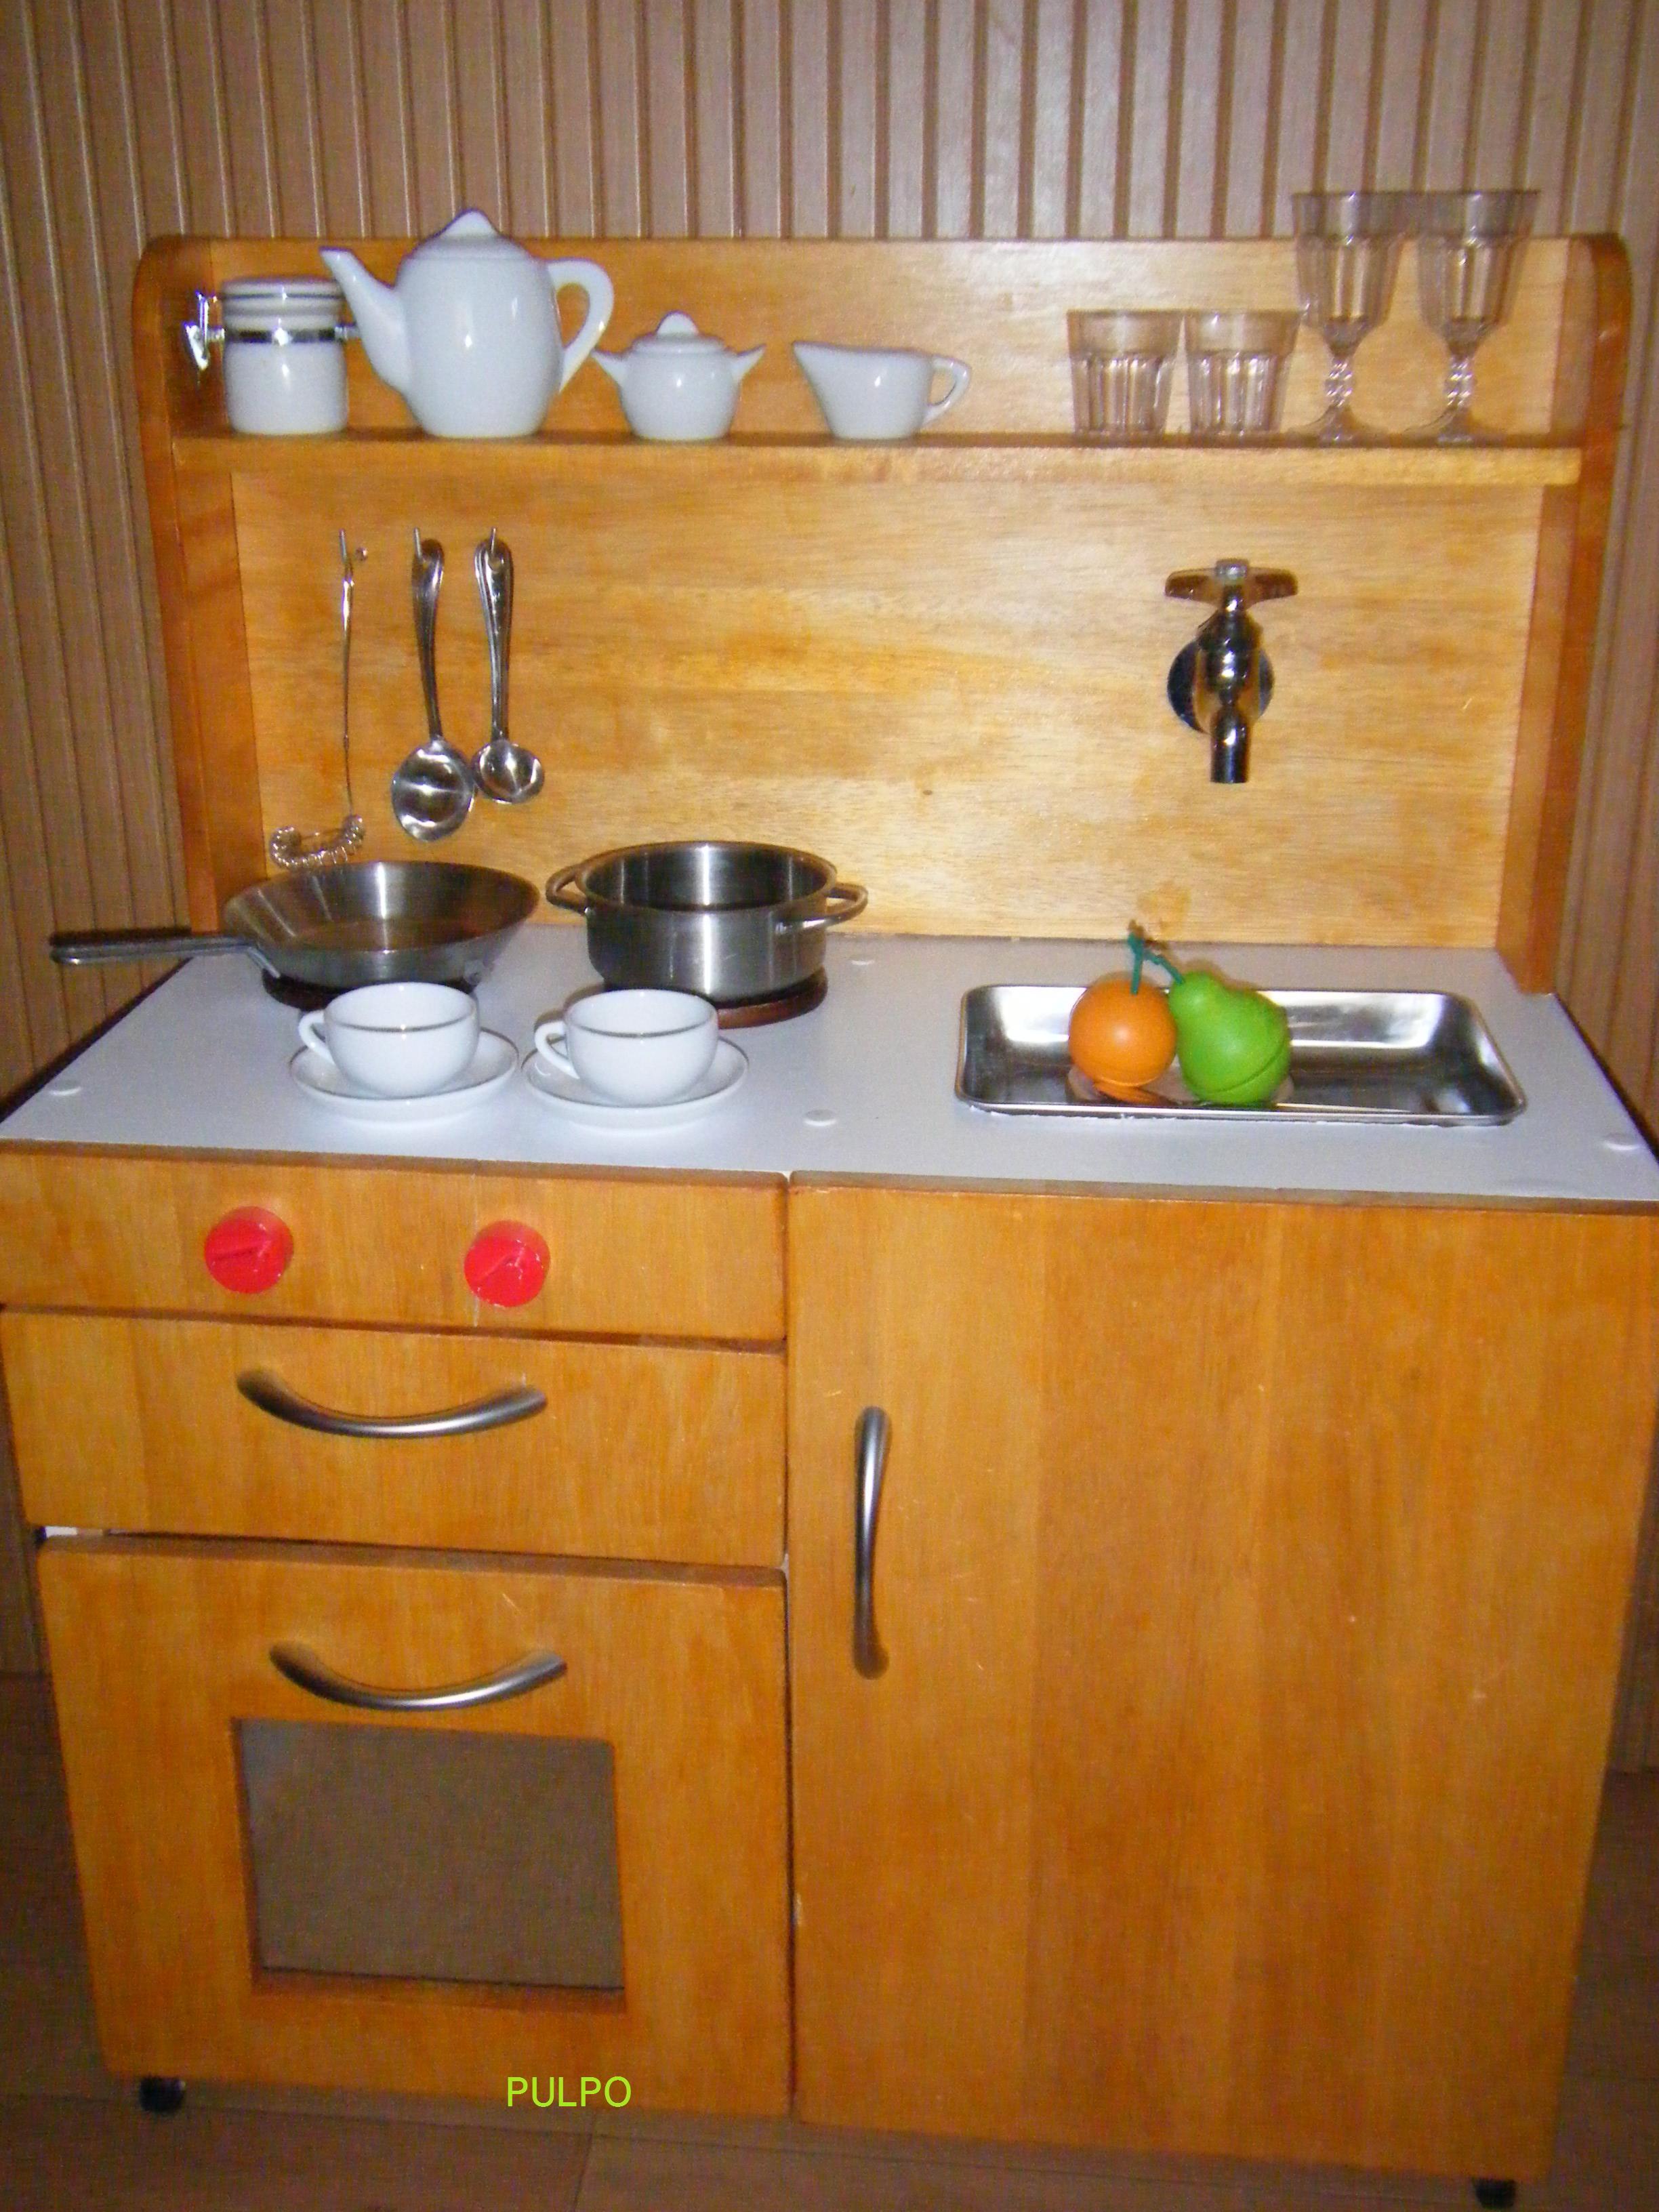 キッチン ままごとキッチン カラーボックス : ... で手作りままごとキッチン